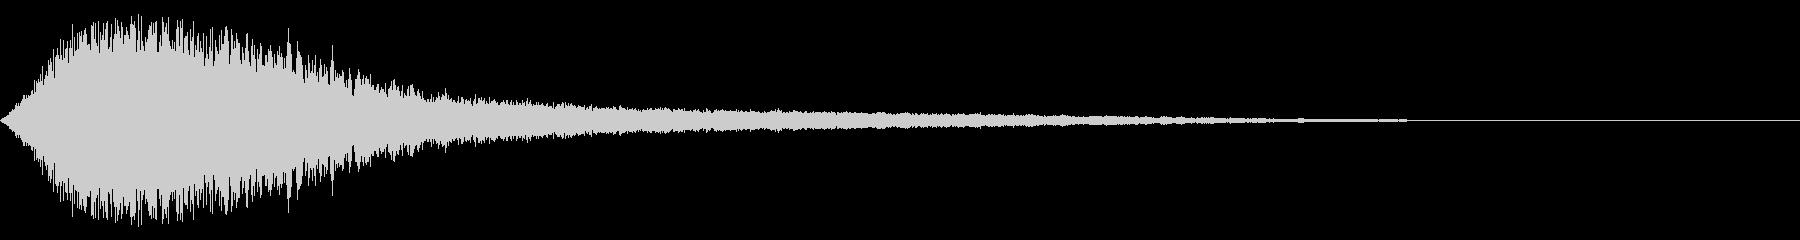 シャキーン キラーン☆強烈な輝き!12の未再生の波形